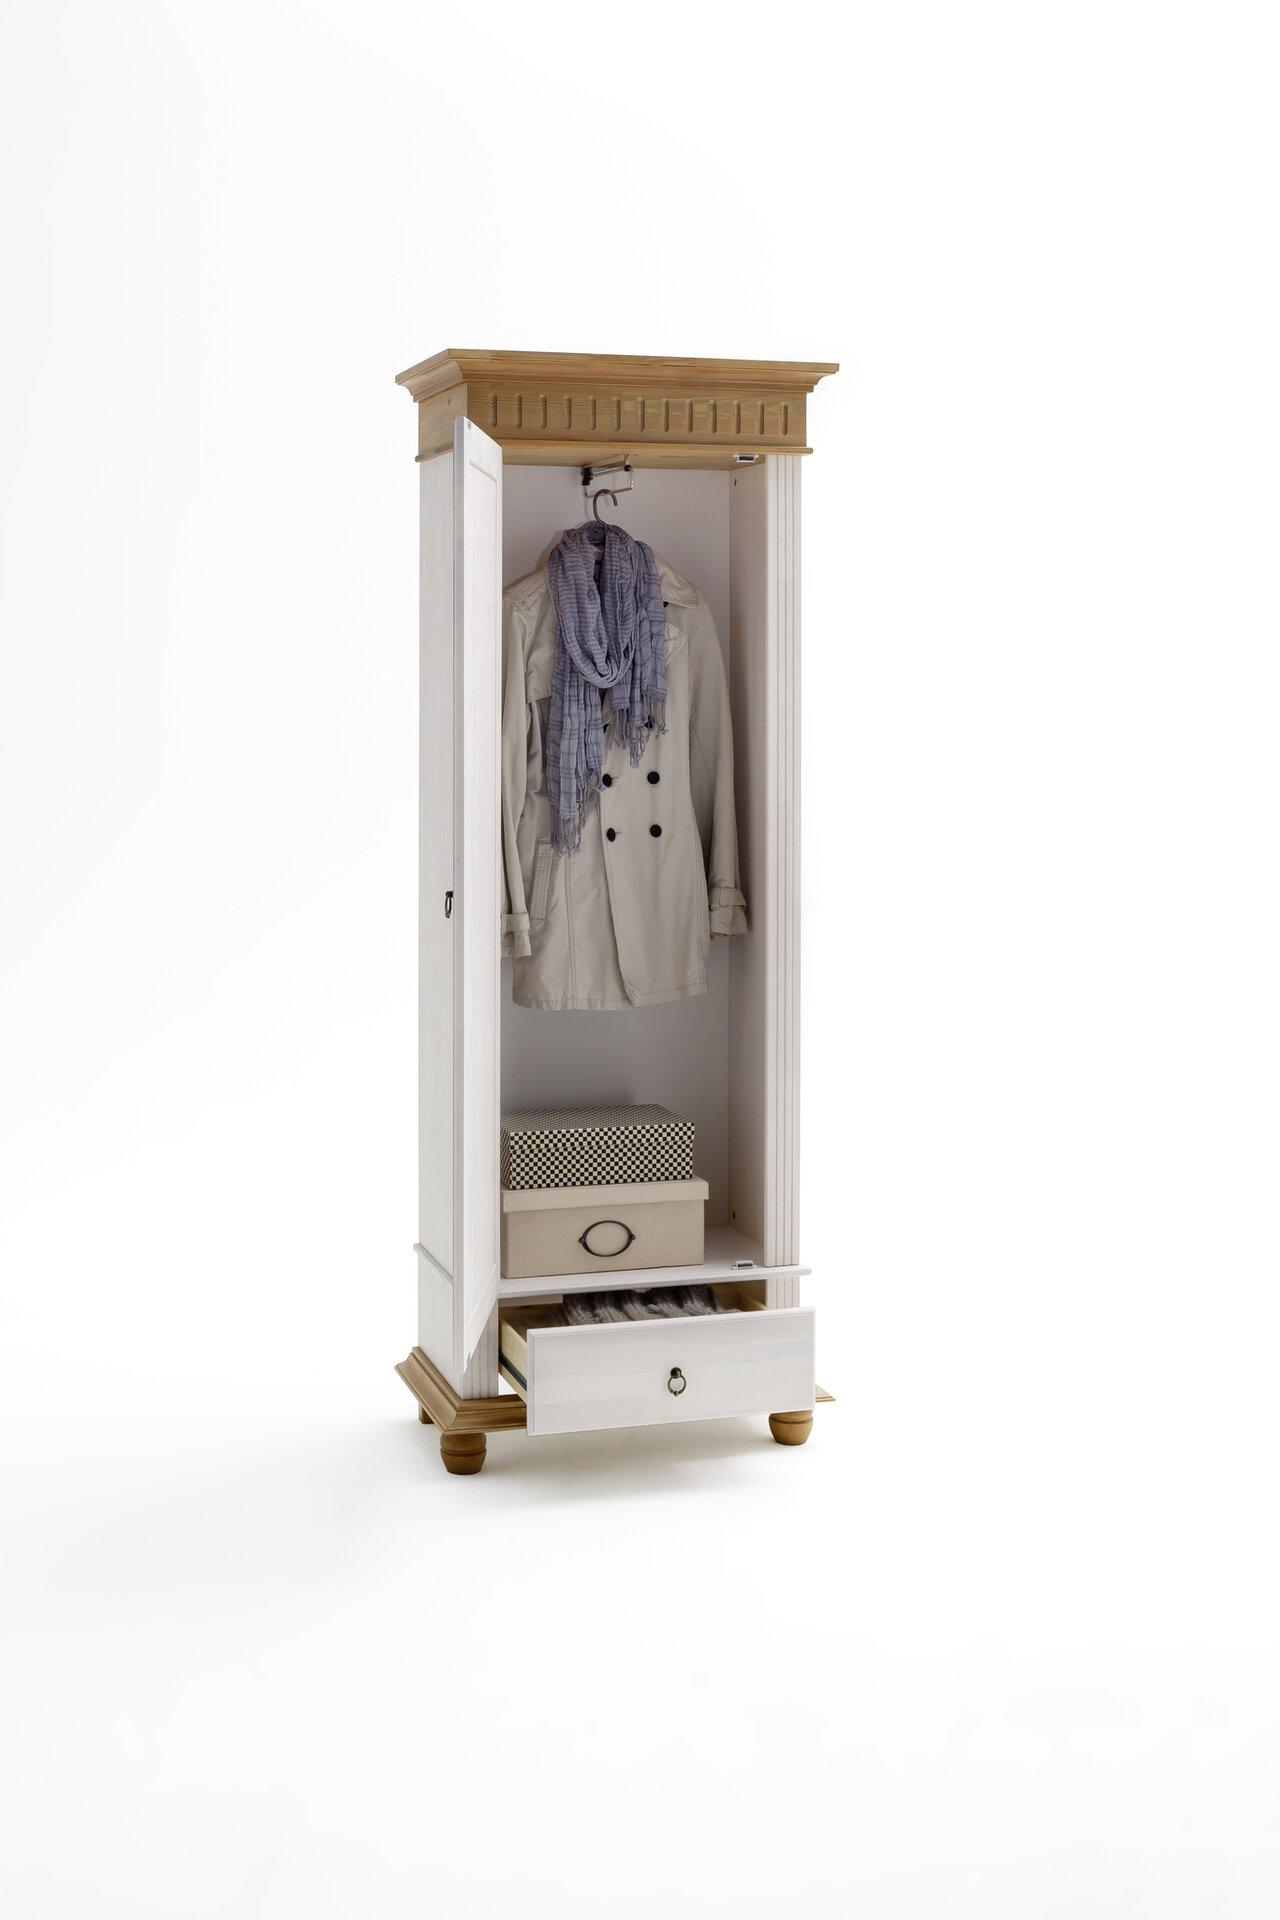 Garderobenschrank HELSINKI inDoor Holz 41 x 194 x 72 cm